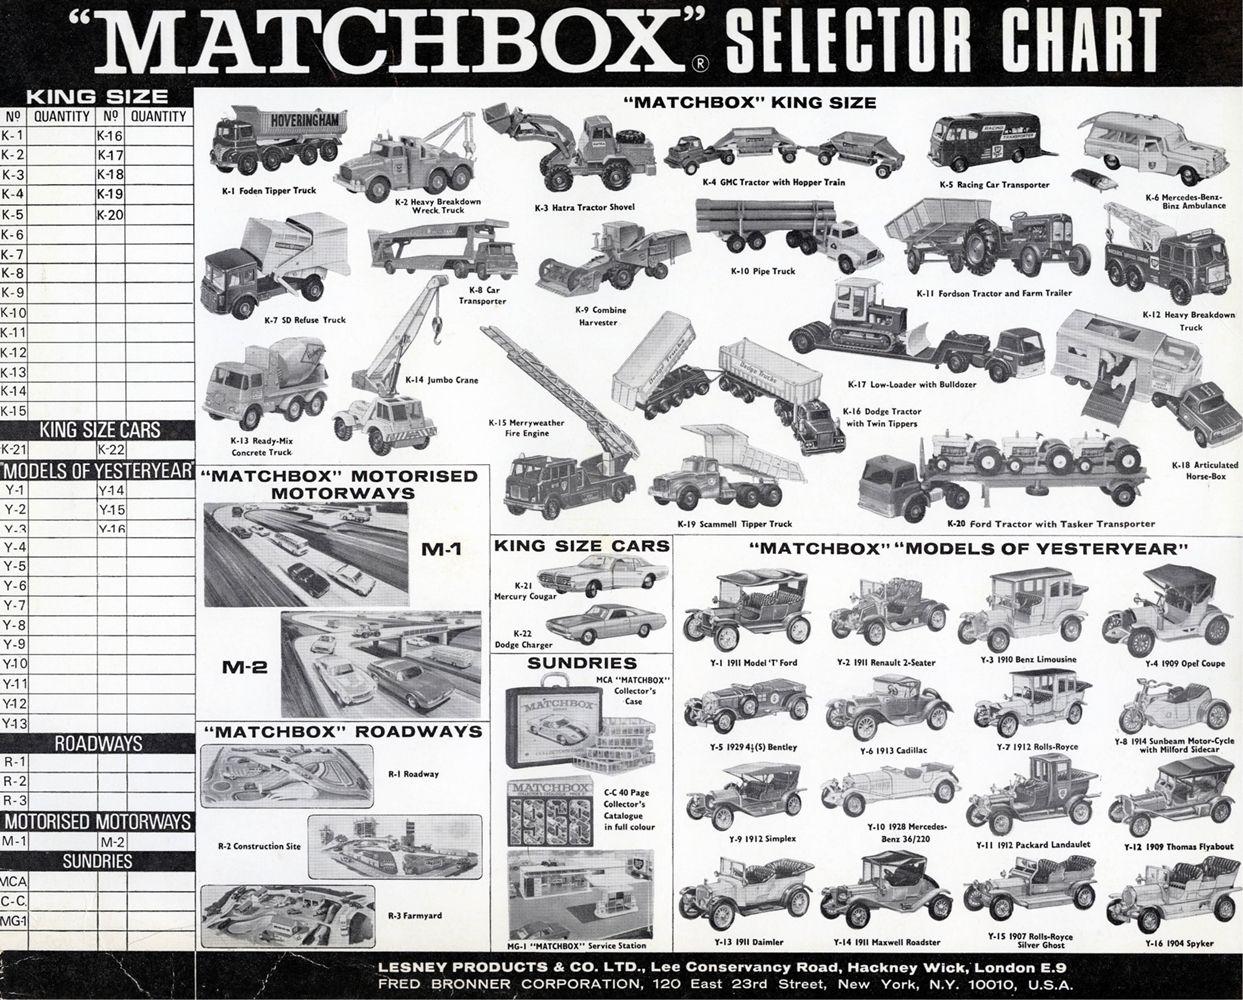 Matchbox Selector Chart 5 In 2020 Matchbox Matchbox Cars Mattel Hot Wheels